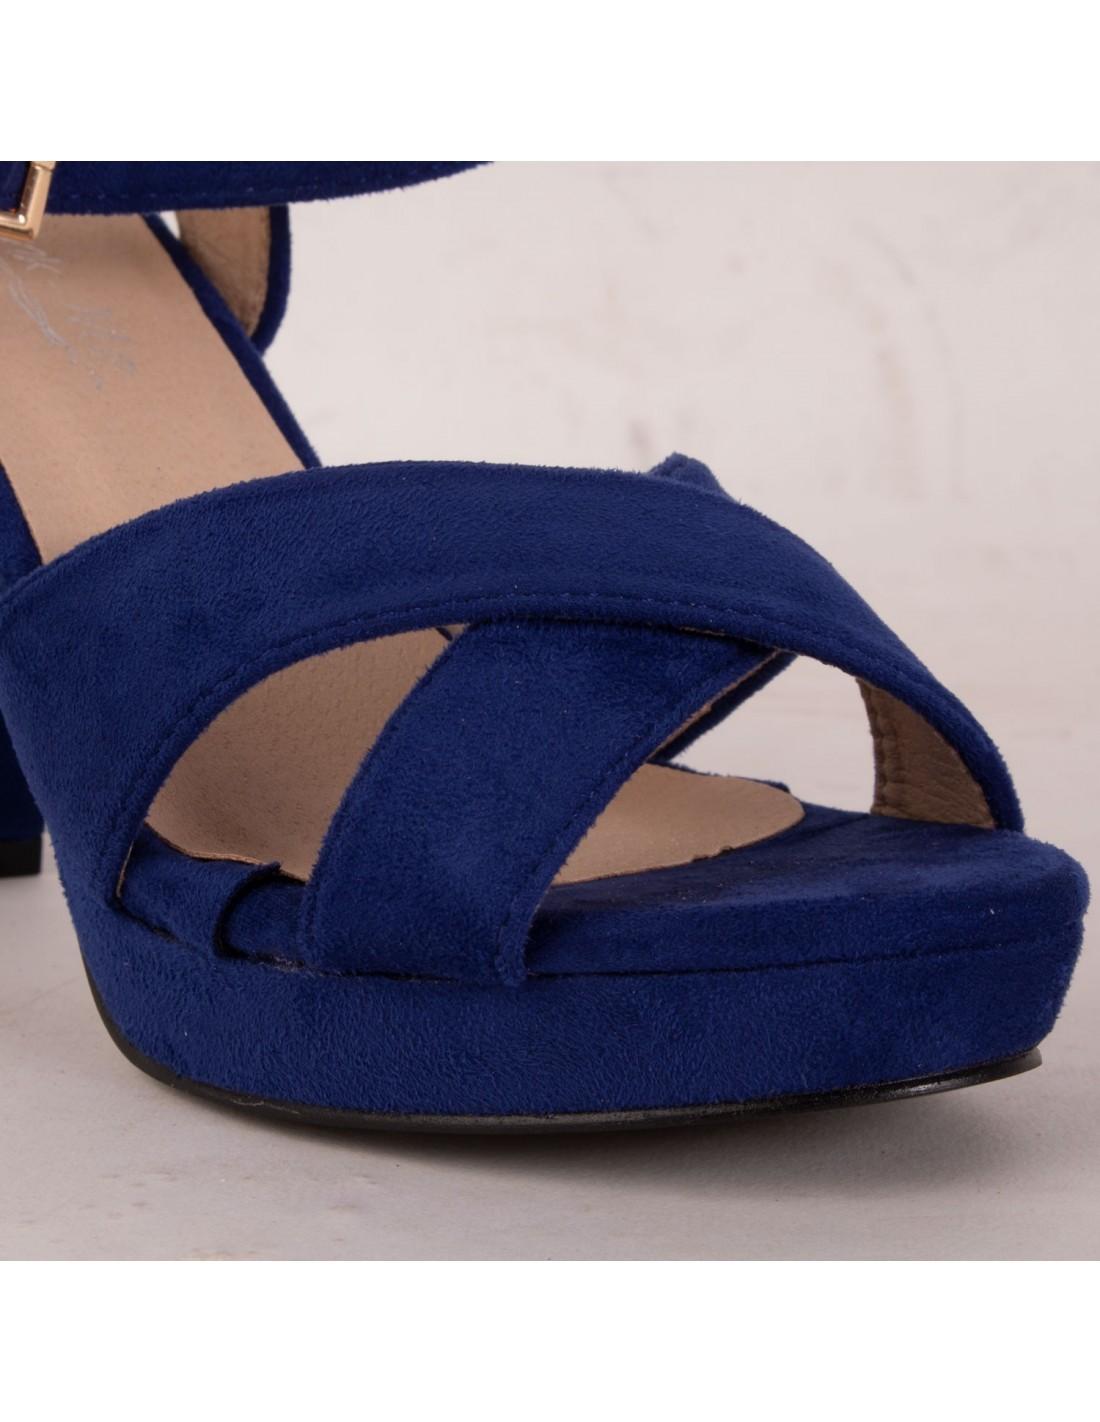 66b8f95d5bcd96 Sandales femme bleu roi haut talon carré 10 cm & plateforme à bride